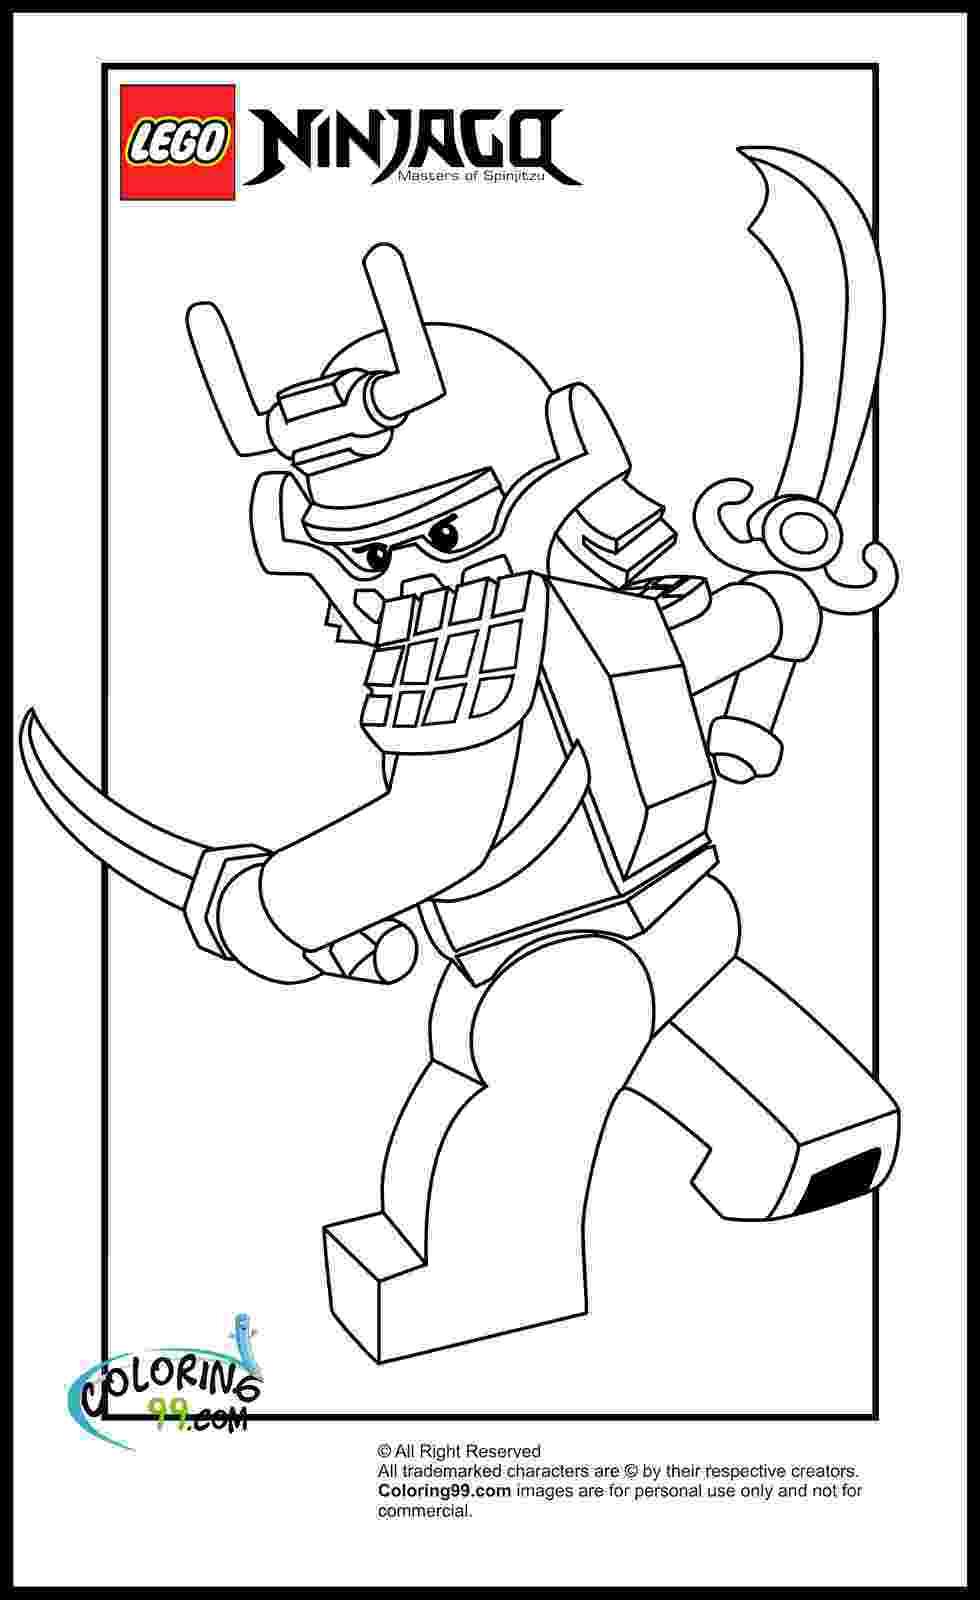 lego ninjago coloring sheets lego ninjago coloring page morro the brick show coloring ninjago lego sheets